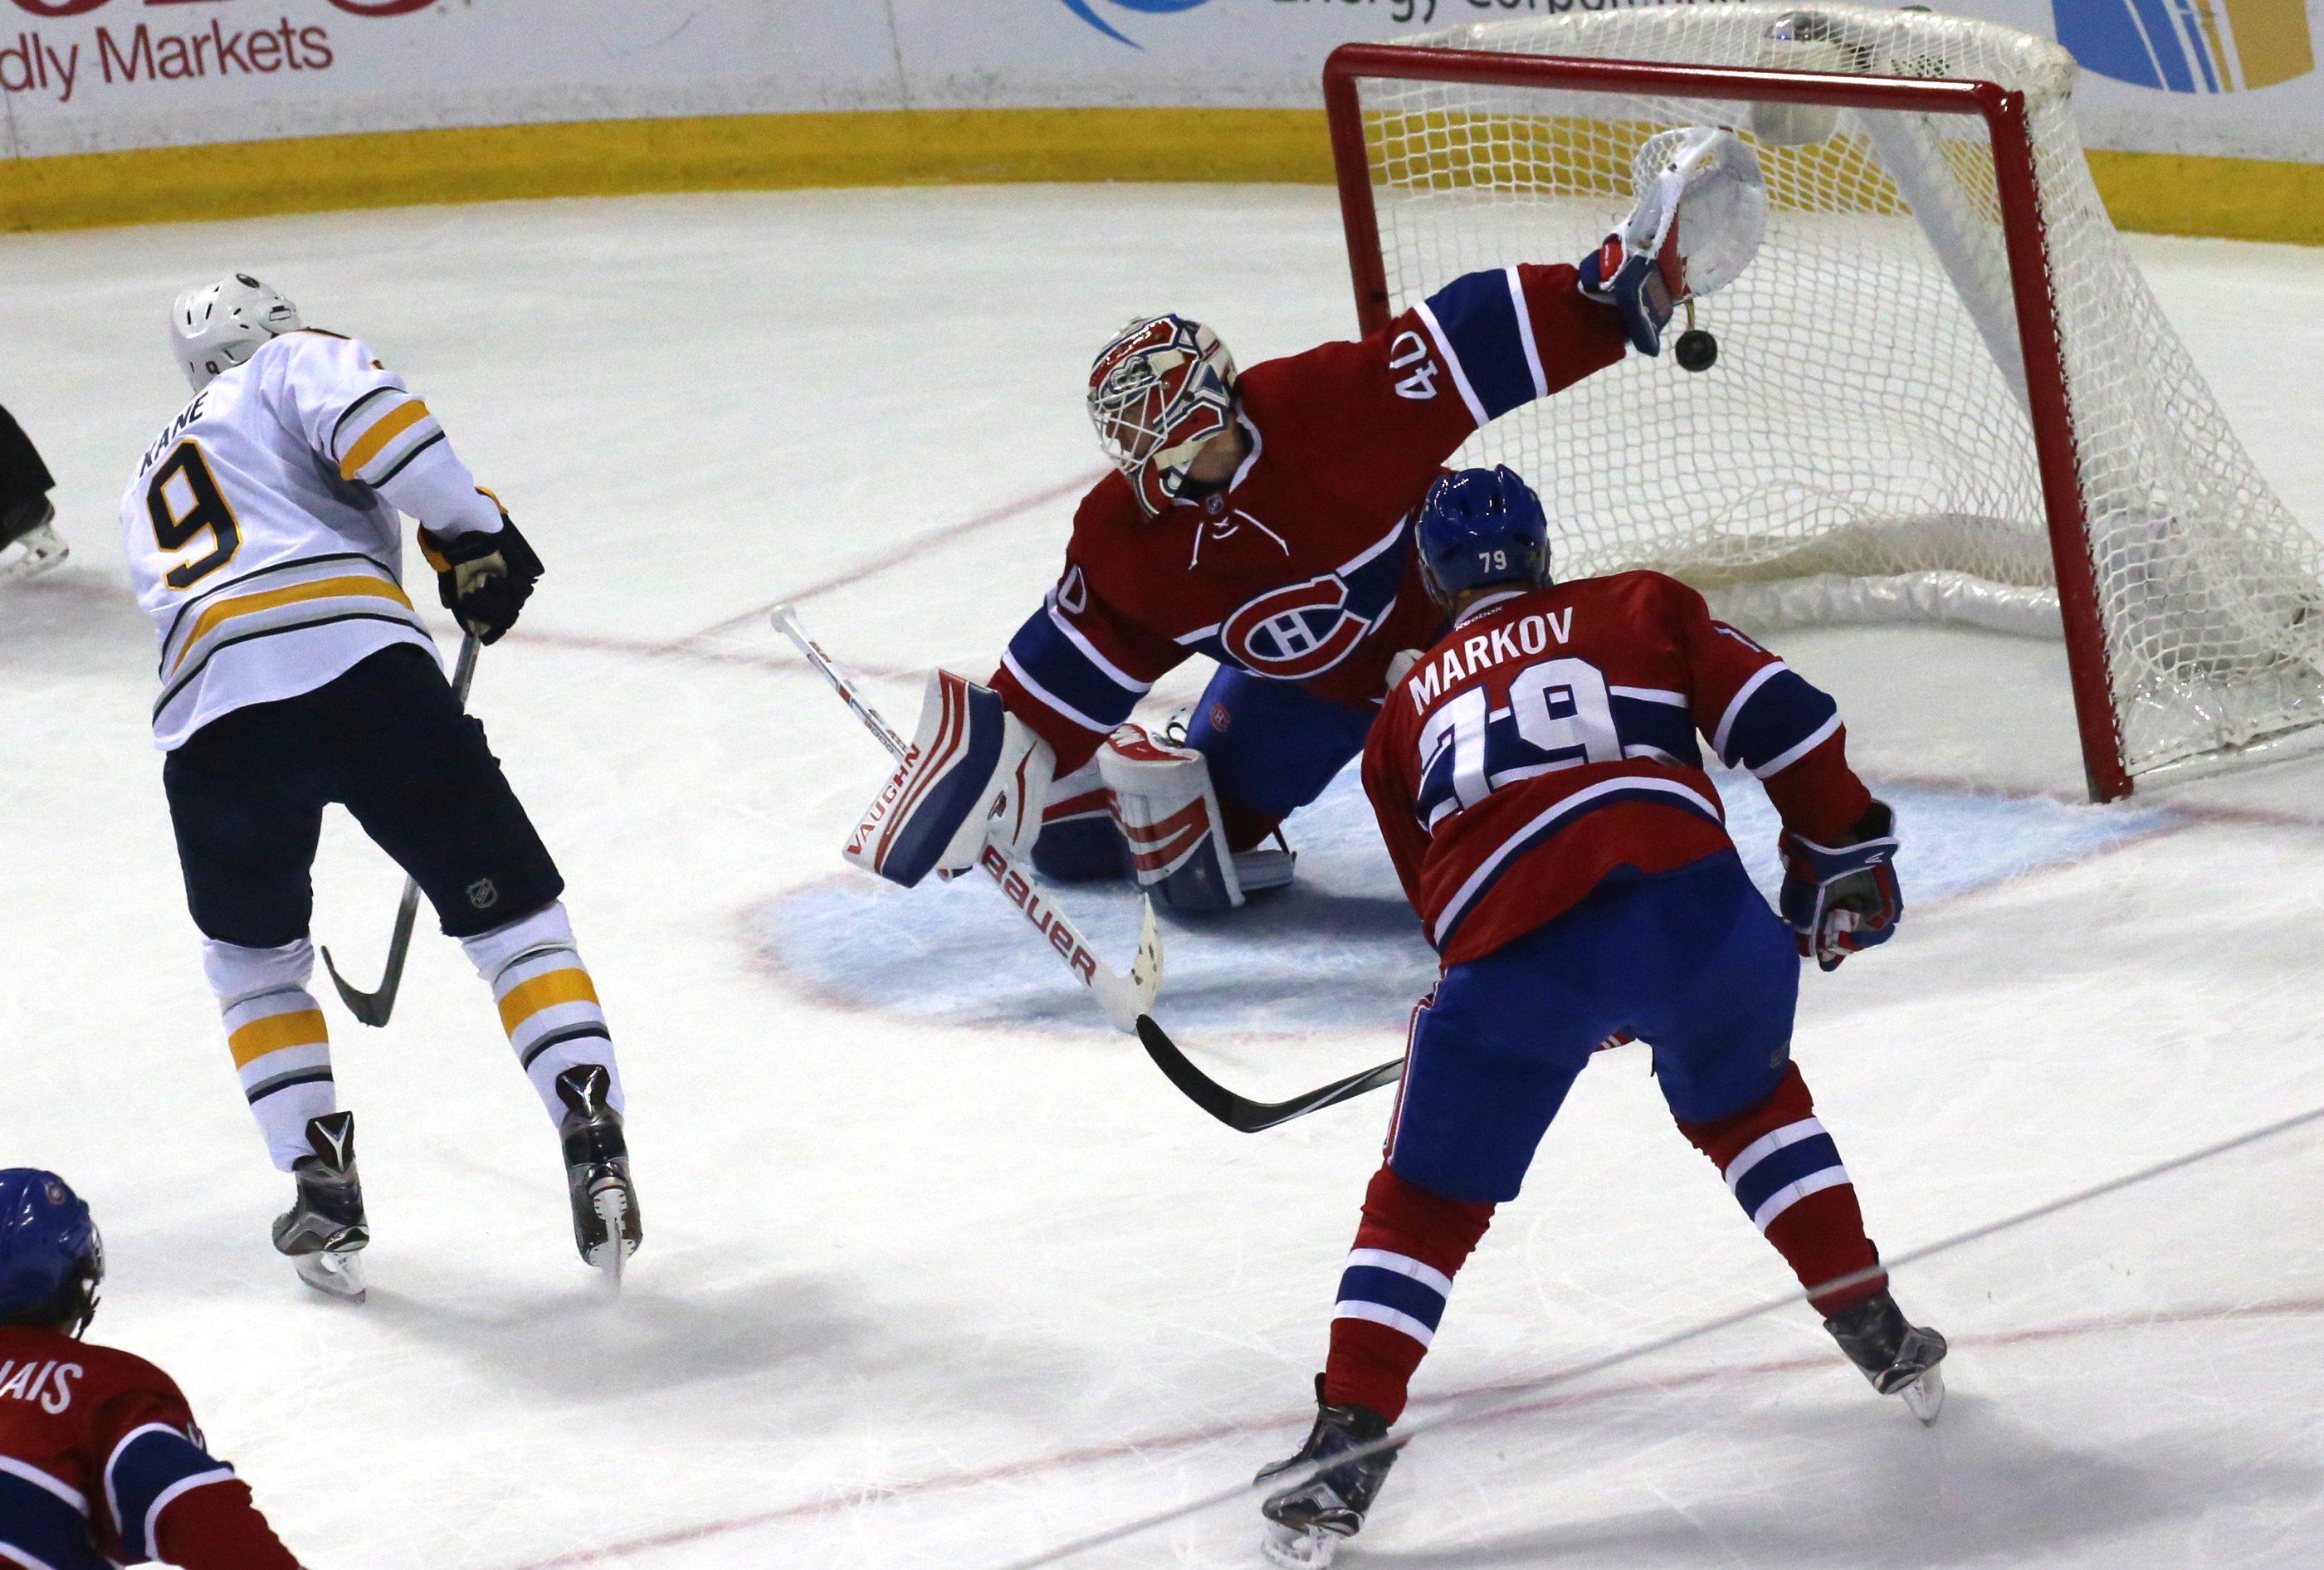 Buffalo Sabres Evander Kane (9) scores on Montreal Canadien's goalie Ben Scrivens (40)  at  First Niagara Center  on  Feb. 12, 2016.  (John Hickey/Buffalo News)